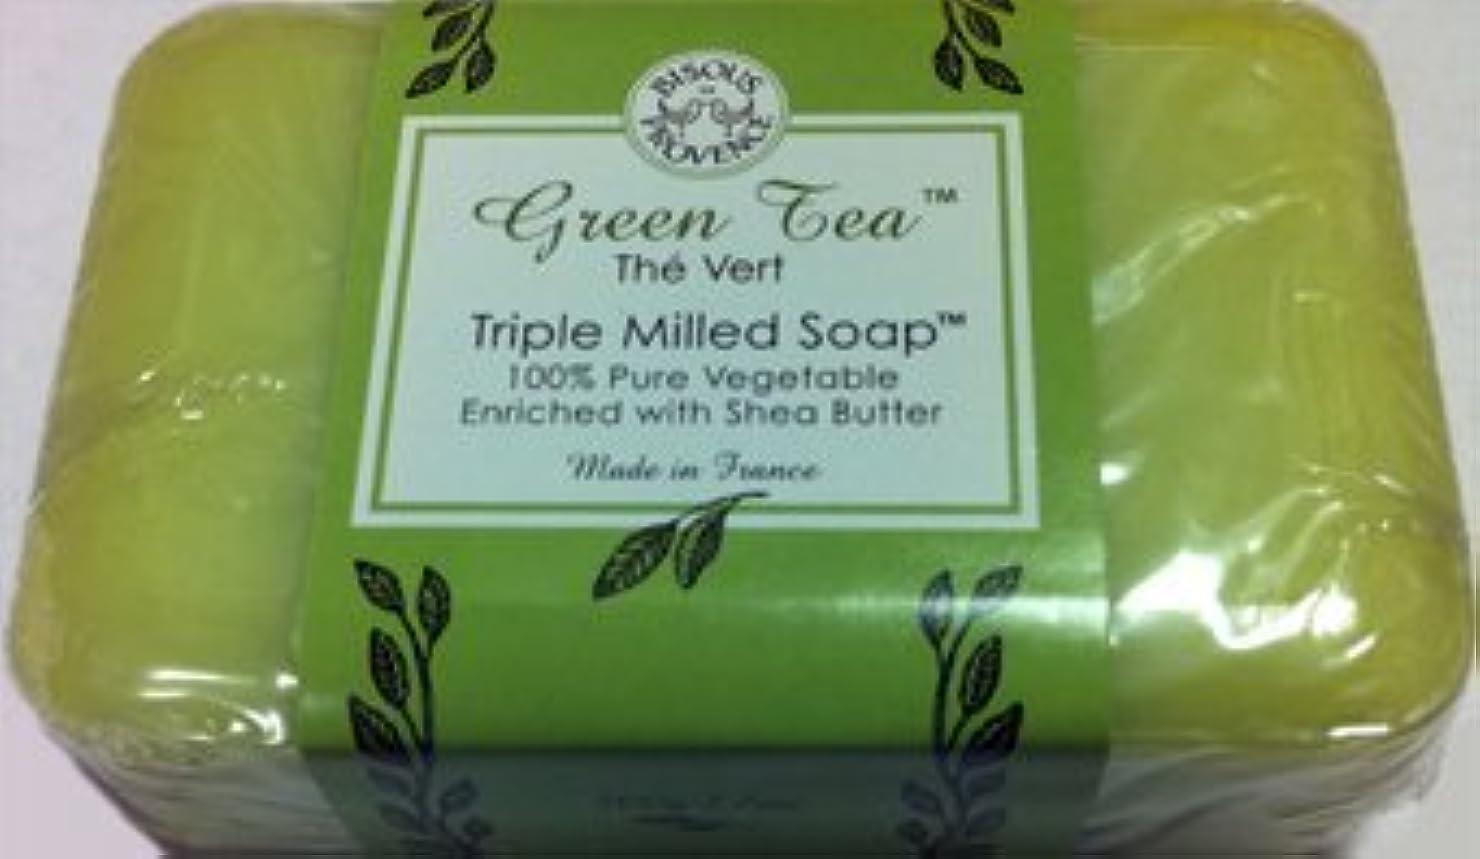 テロ軽くたらいGreen Tea The Vert Triple Milled Soap 100% Pure Vegetable Enriched with Shea Butter by Bisous Provence/Trader Joe's [並行輸入品]